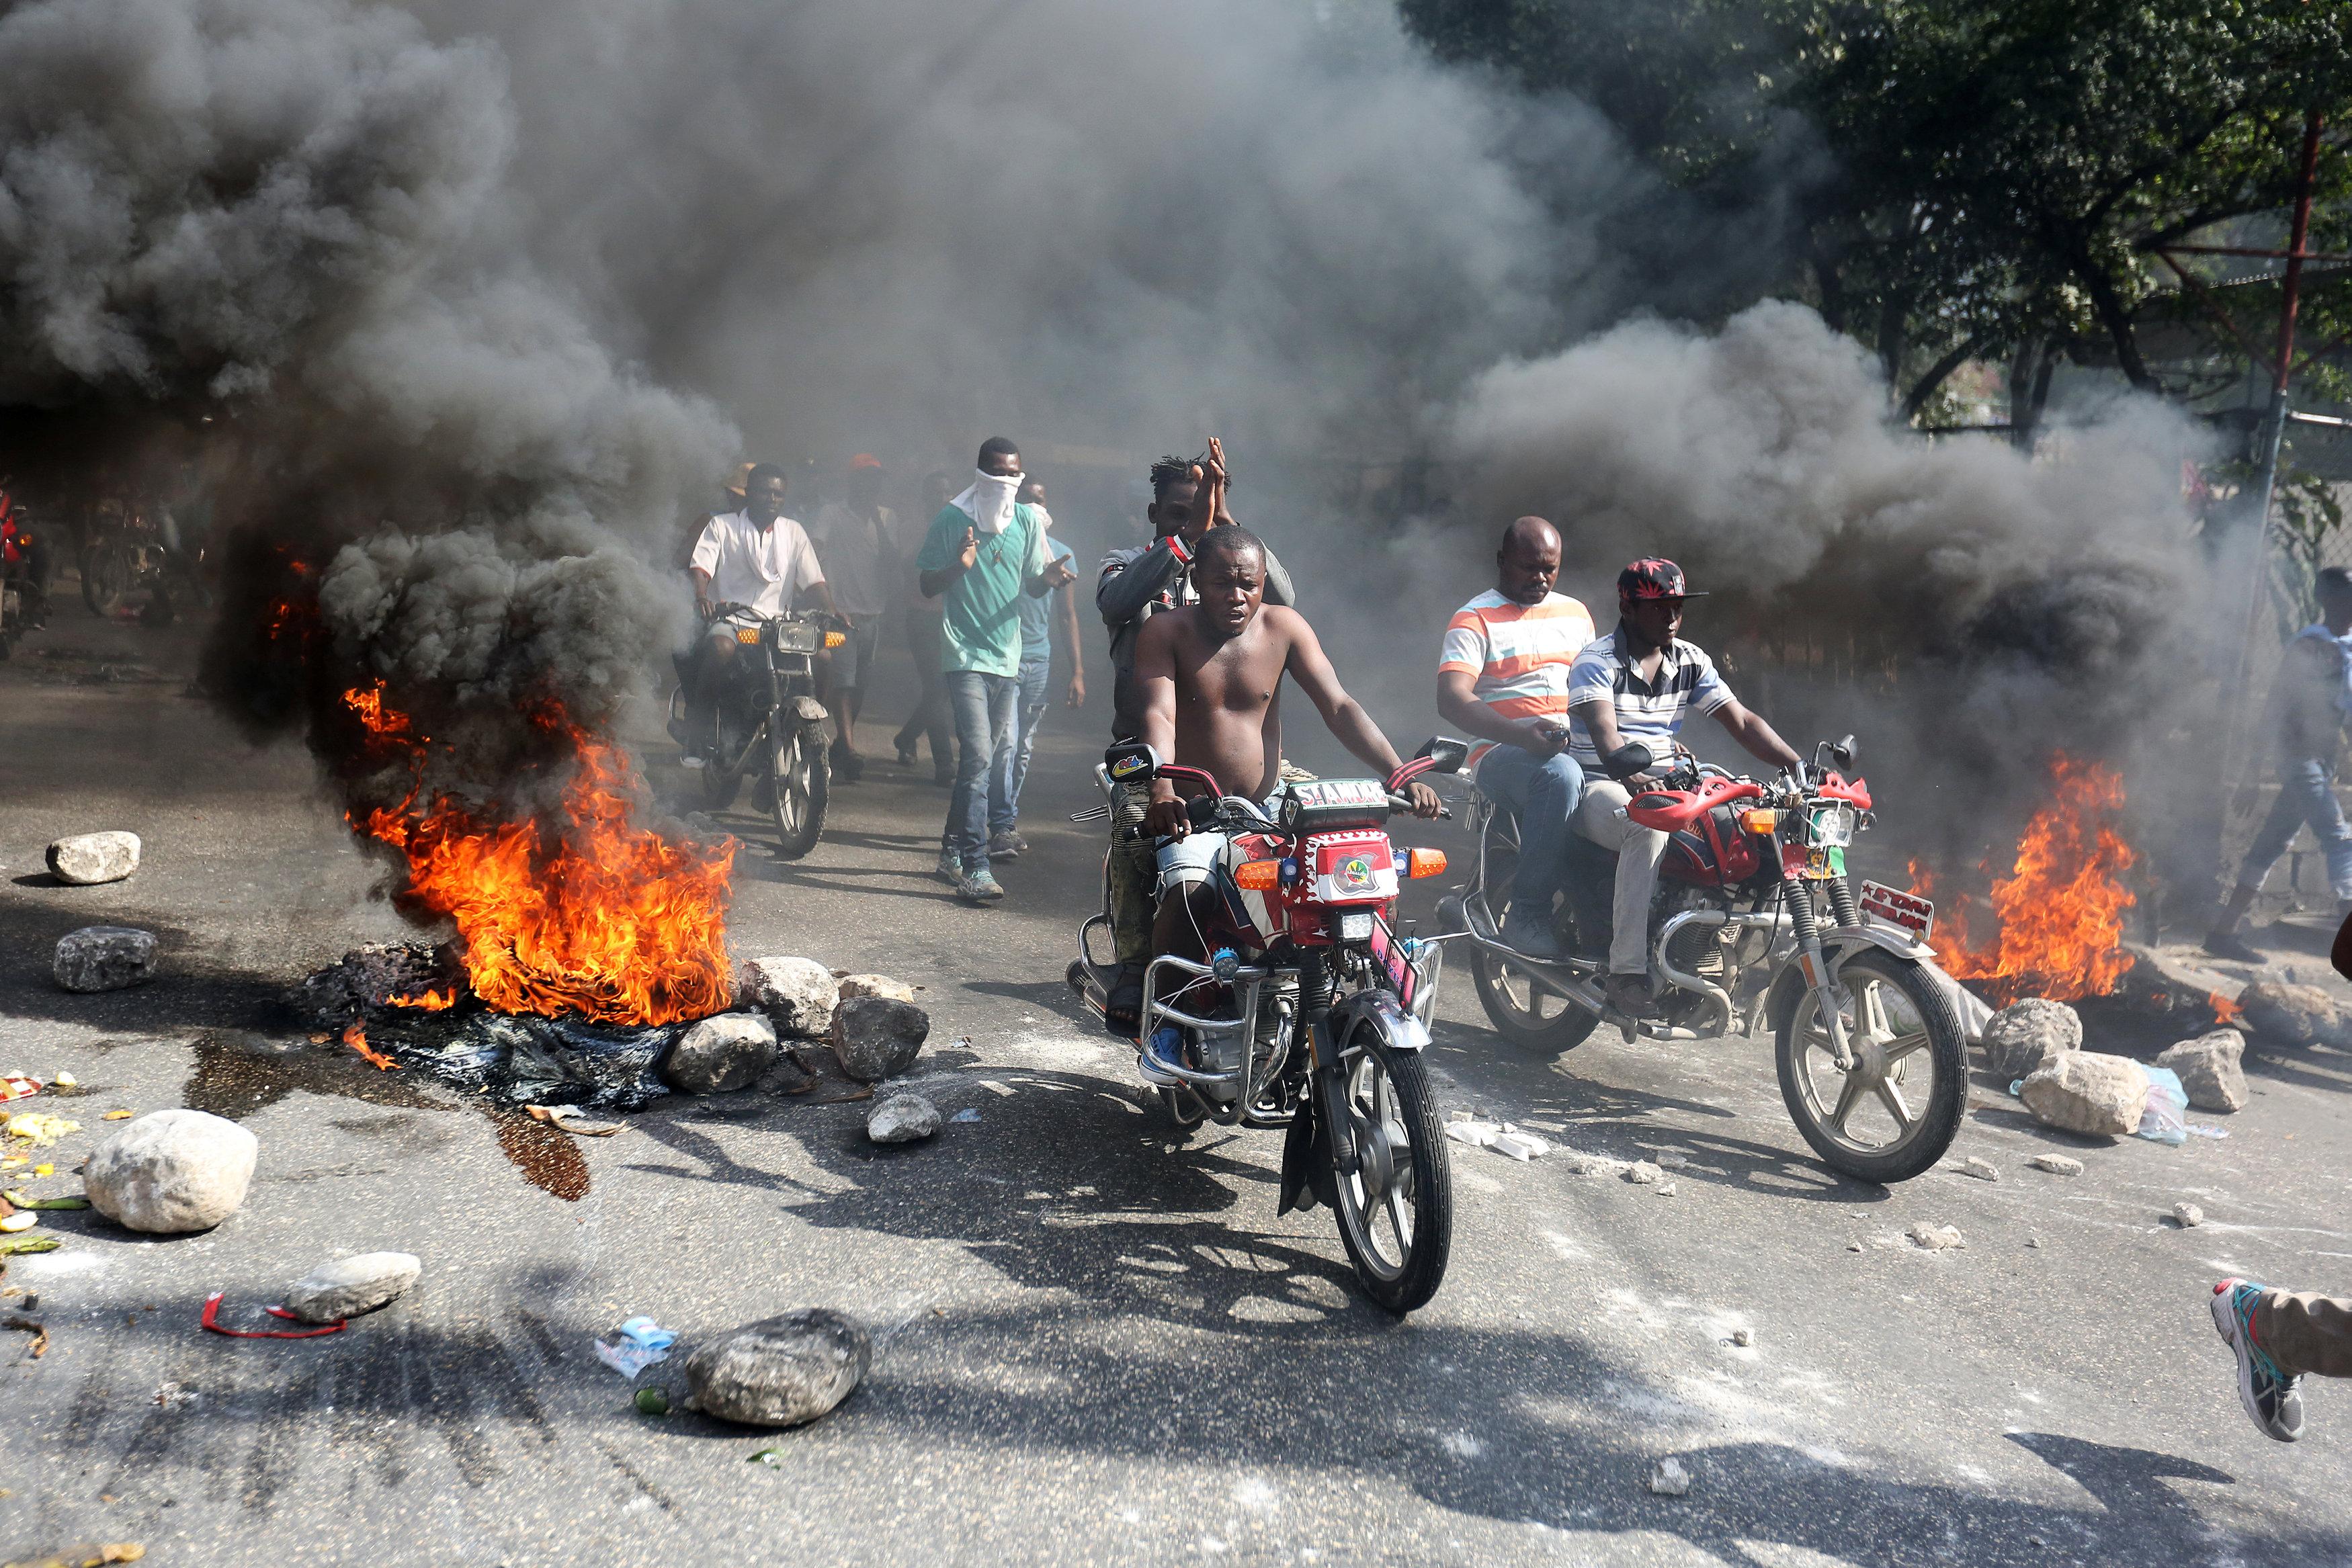 مظاهرات عنيفة فى هايتى بسبب الفساد (6)